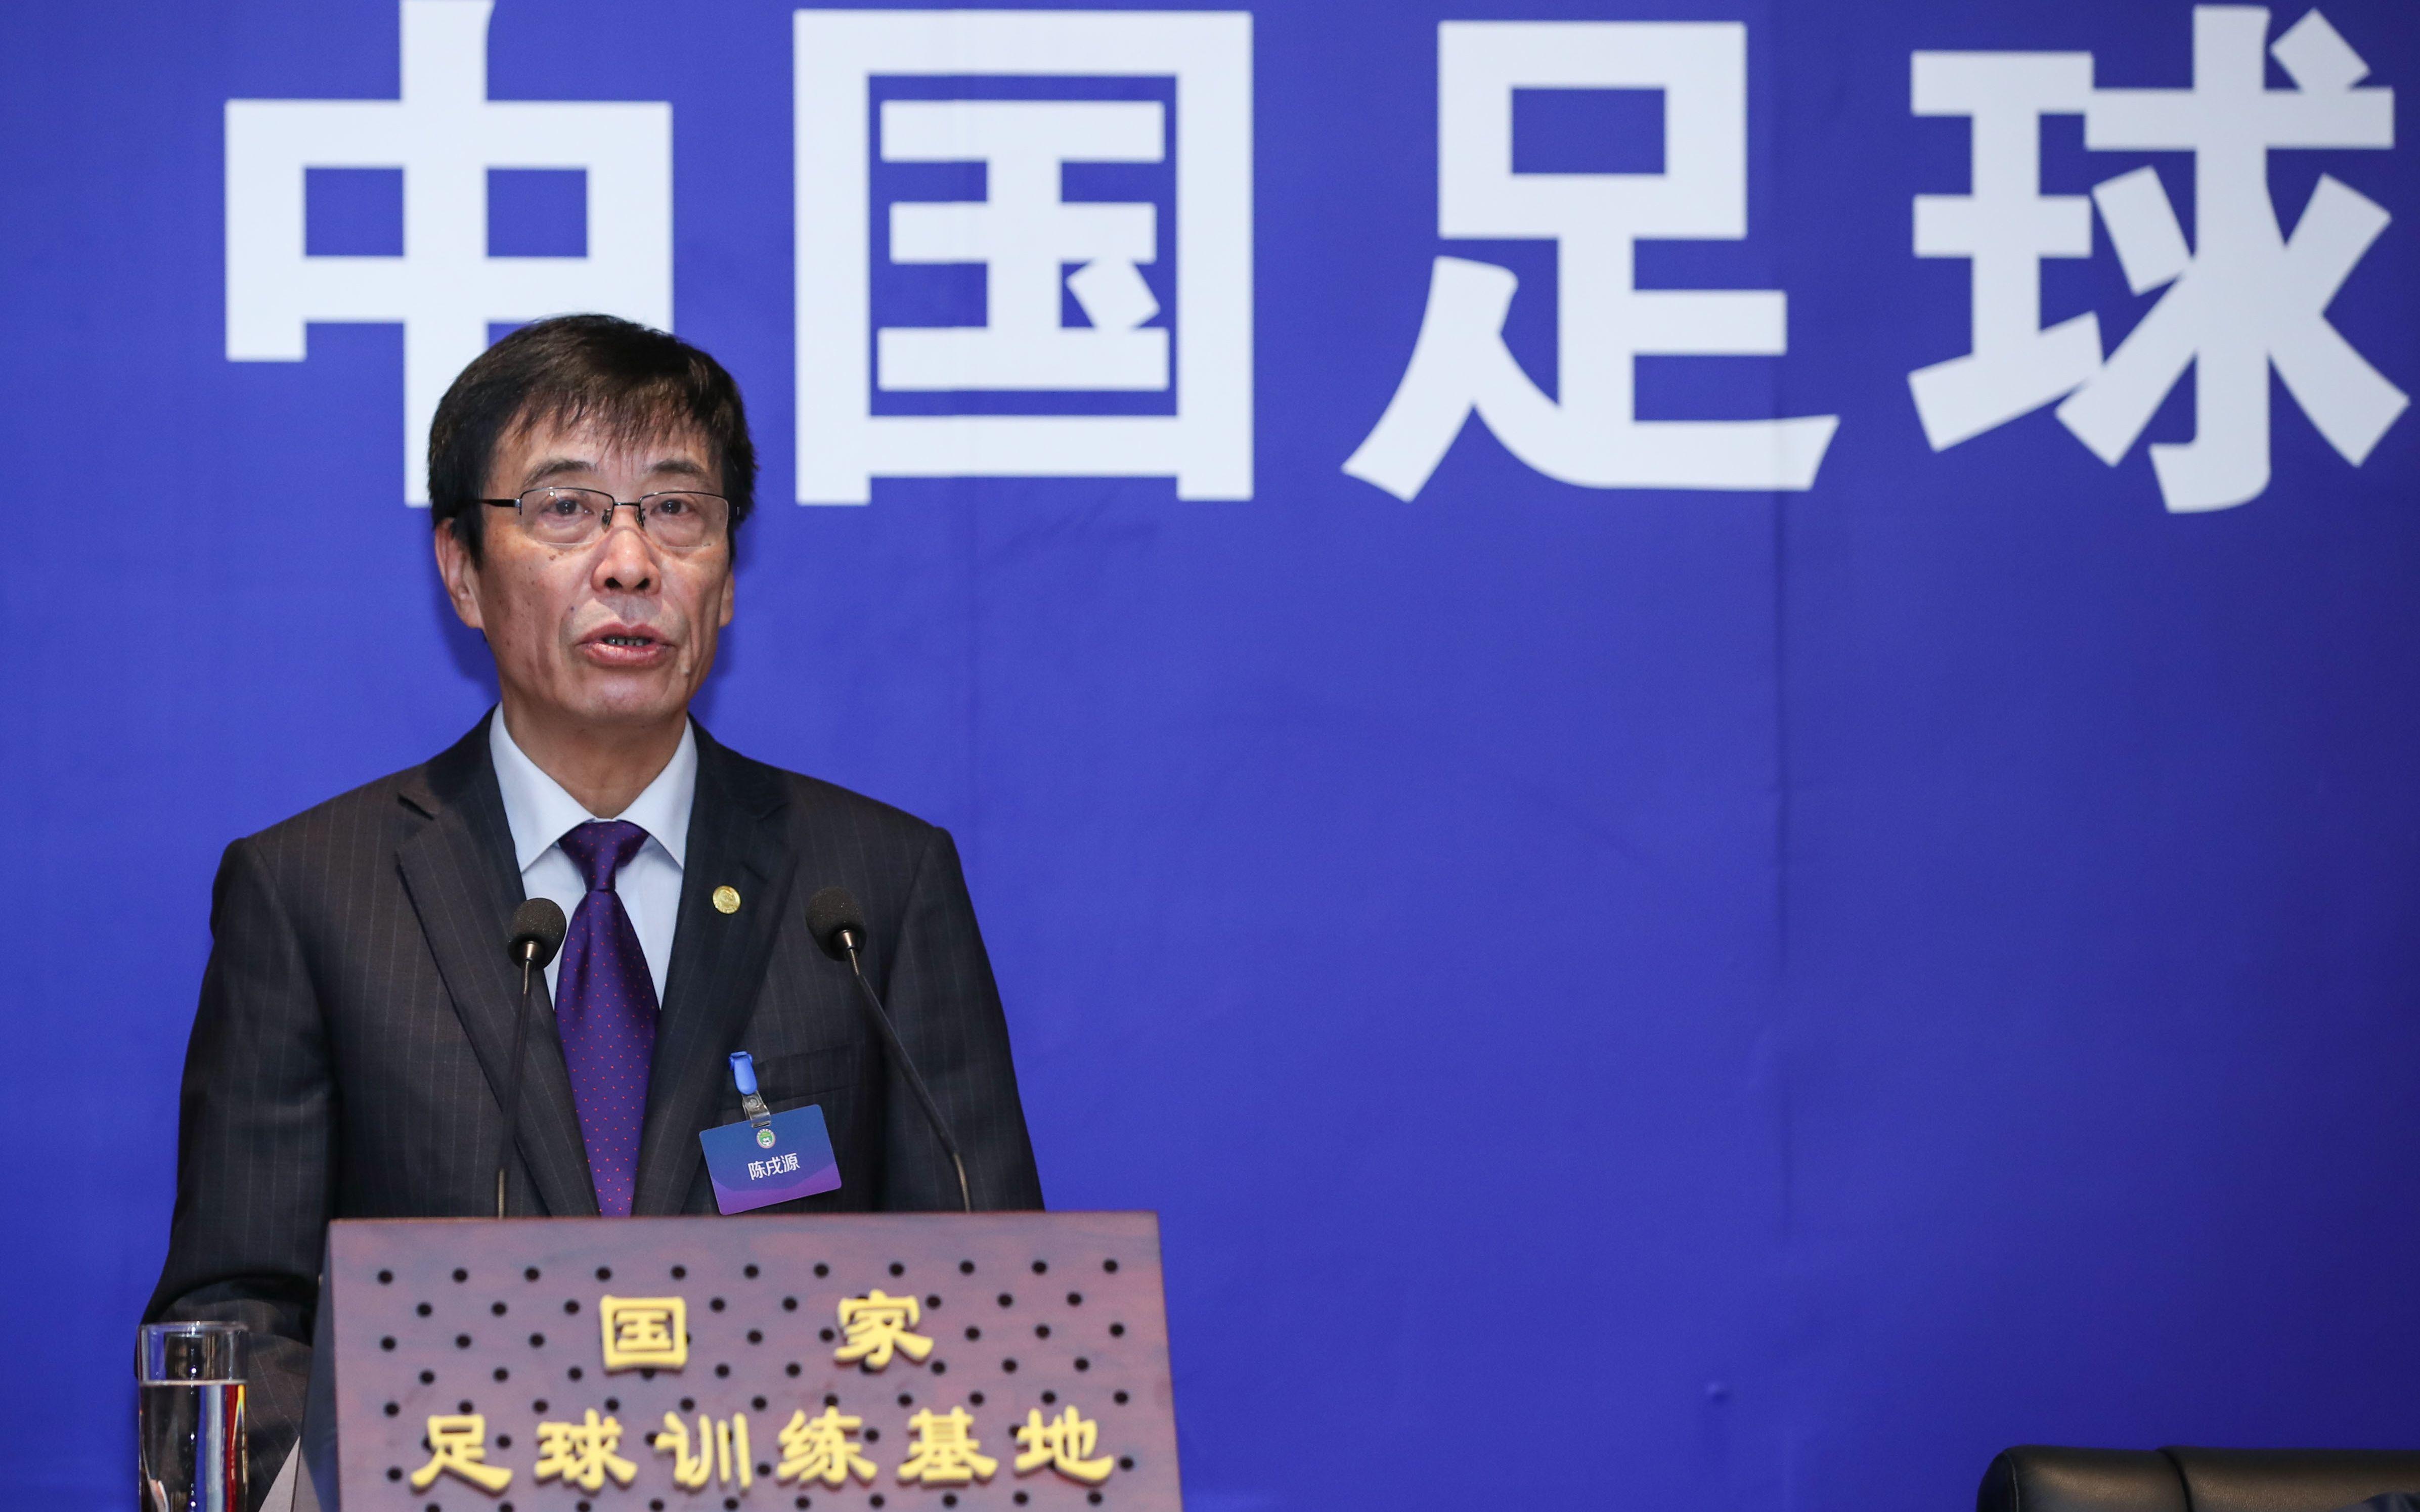 陈戌源当选新一届足协主席,力主建立职业联盟